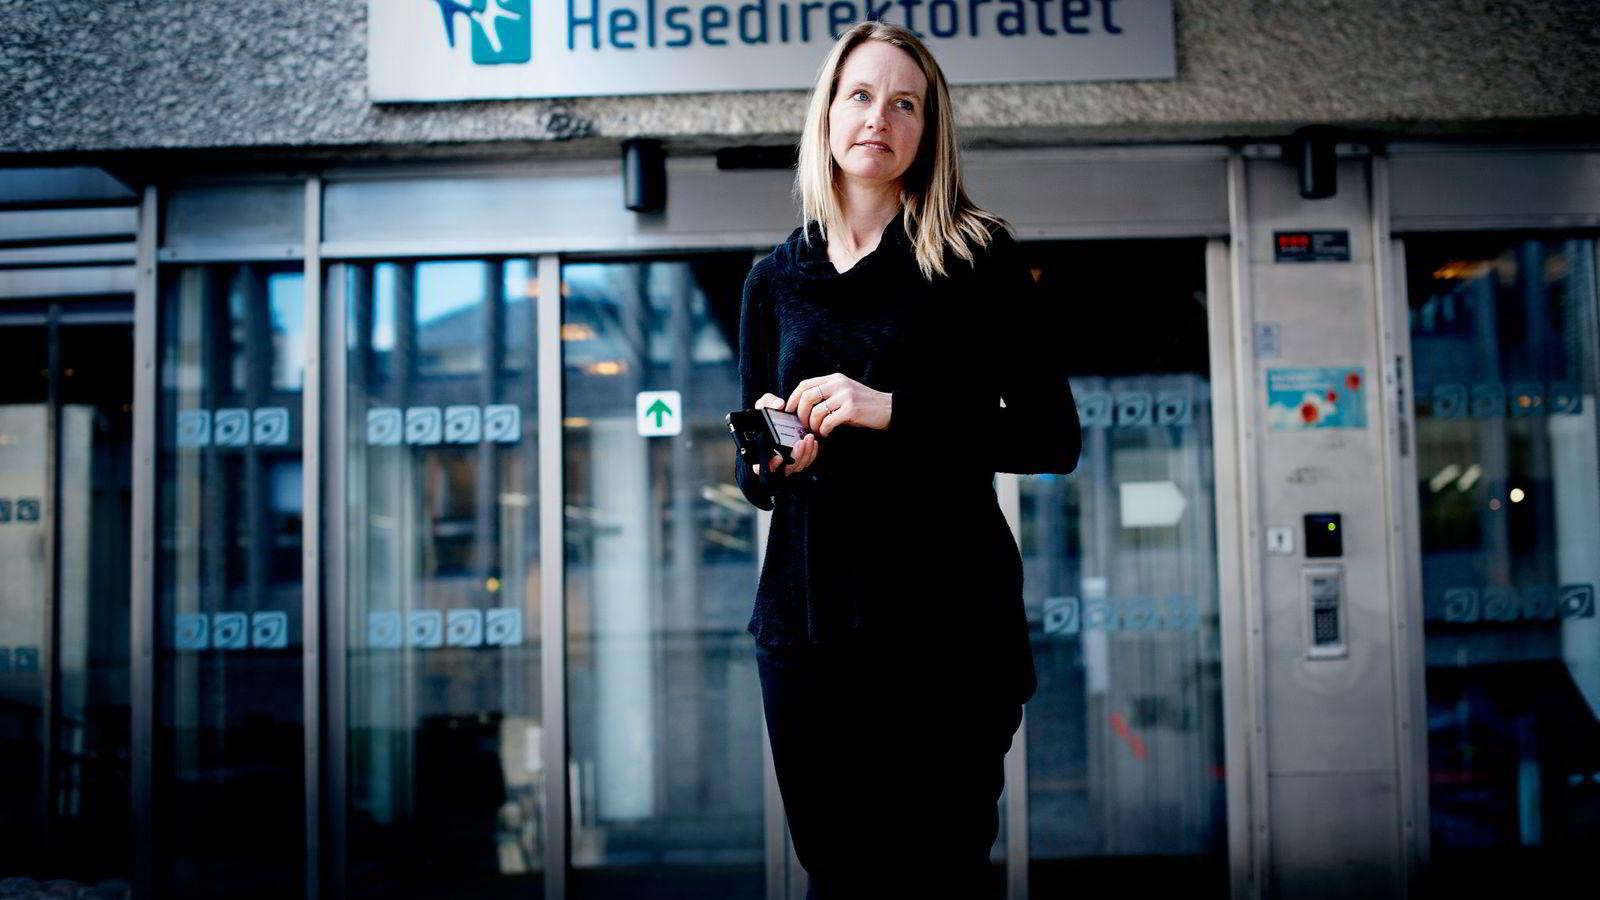 Kommunikasjonsdirektør Berit Kolberg Rossiné i Helsedirektoratet forsvarer direktoratets bruk av reklamekroner på innholdsmarkedsføring. – Det er langt billigere enn tv-reklame, sier hun.